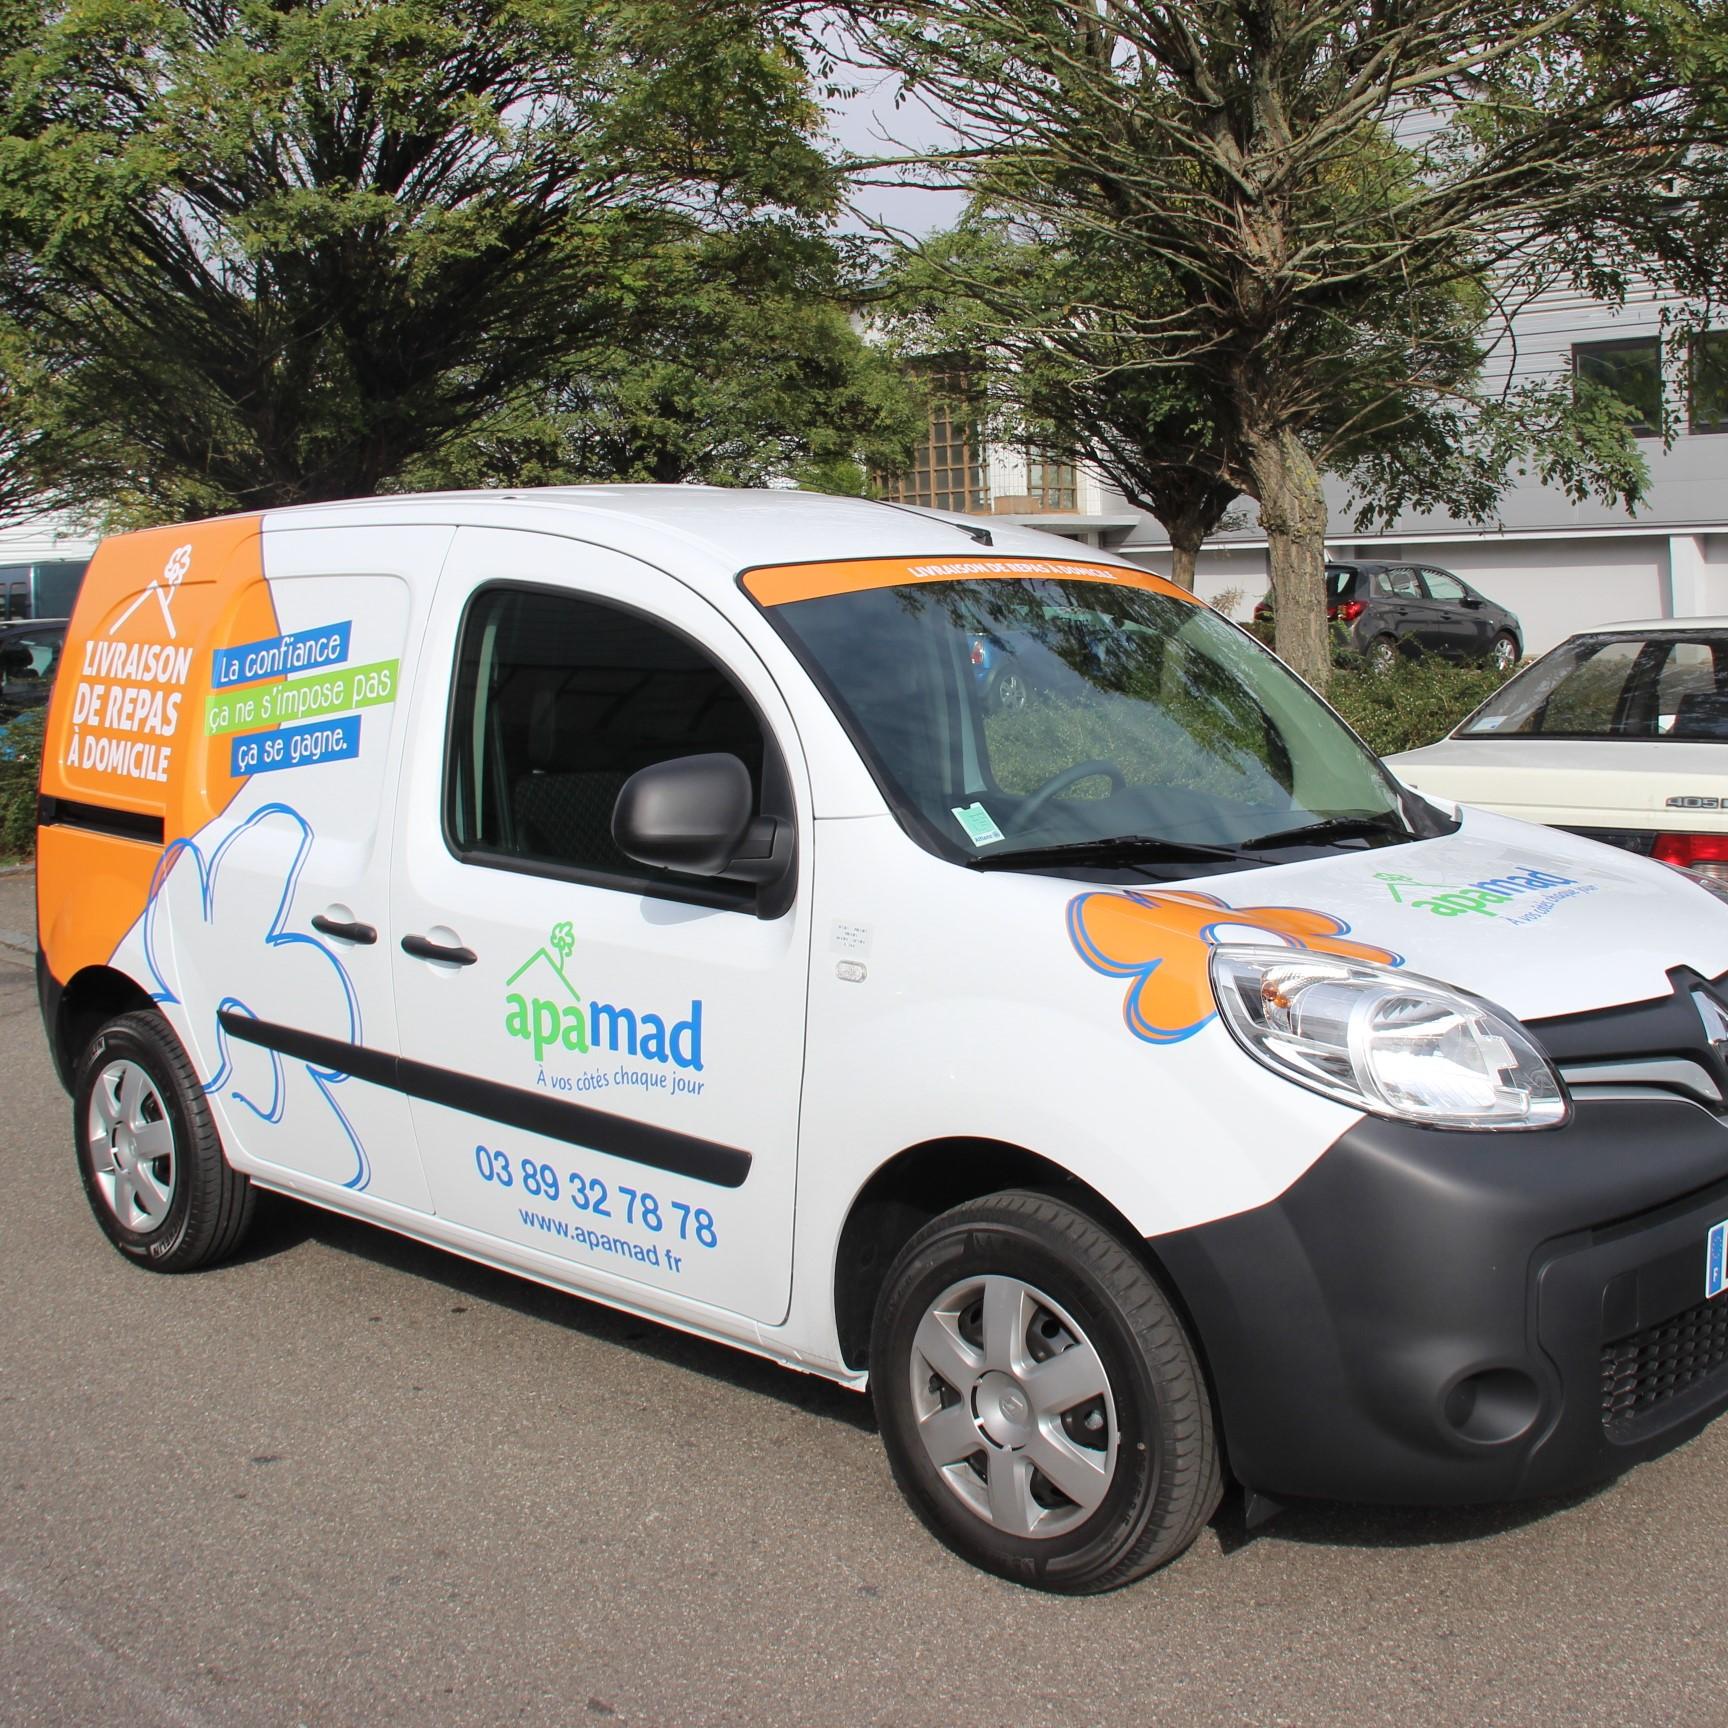 APAMAD • Covering vehicule utilitaire Livraison de repas